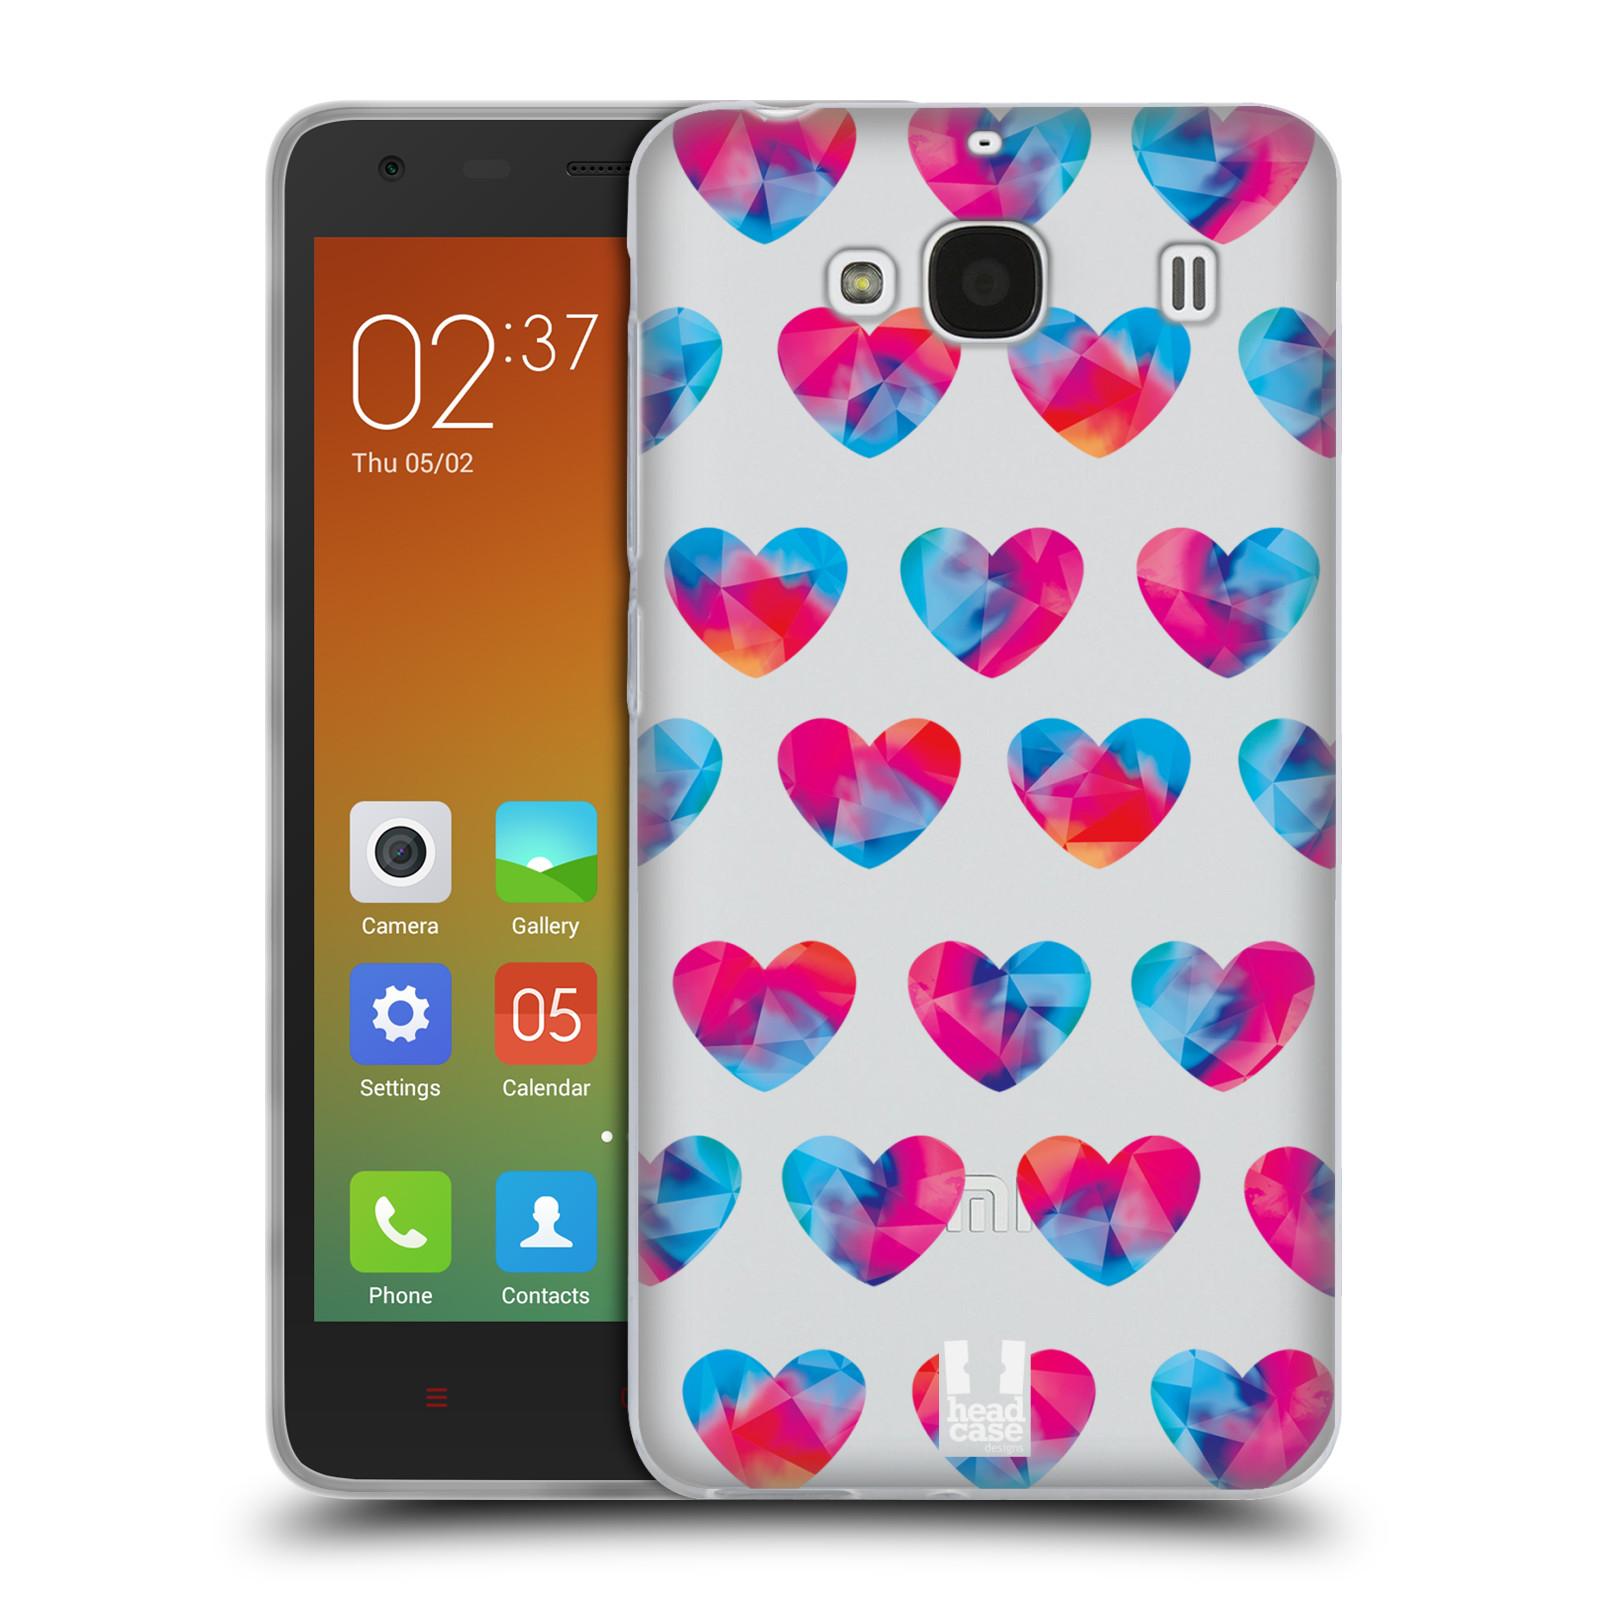 Silikonové pouzdro na mobil Xiaomi Redmi 2 - Head Case - Srdíčka hrající barvami